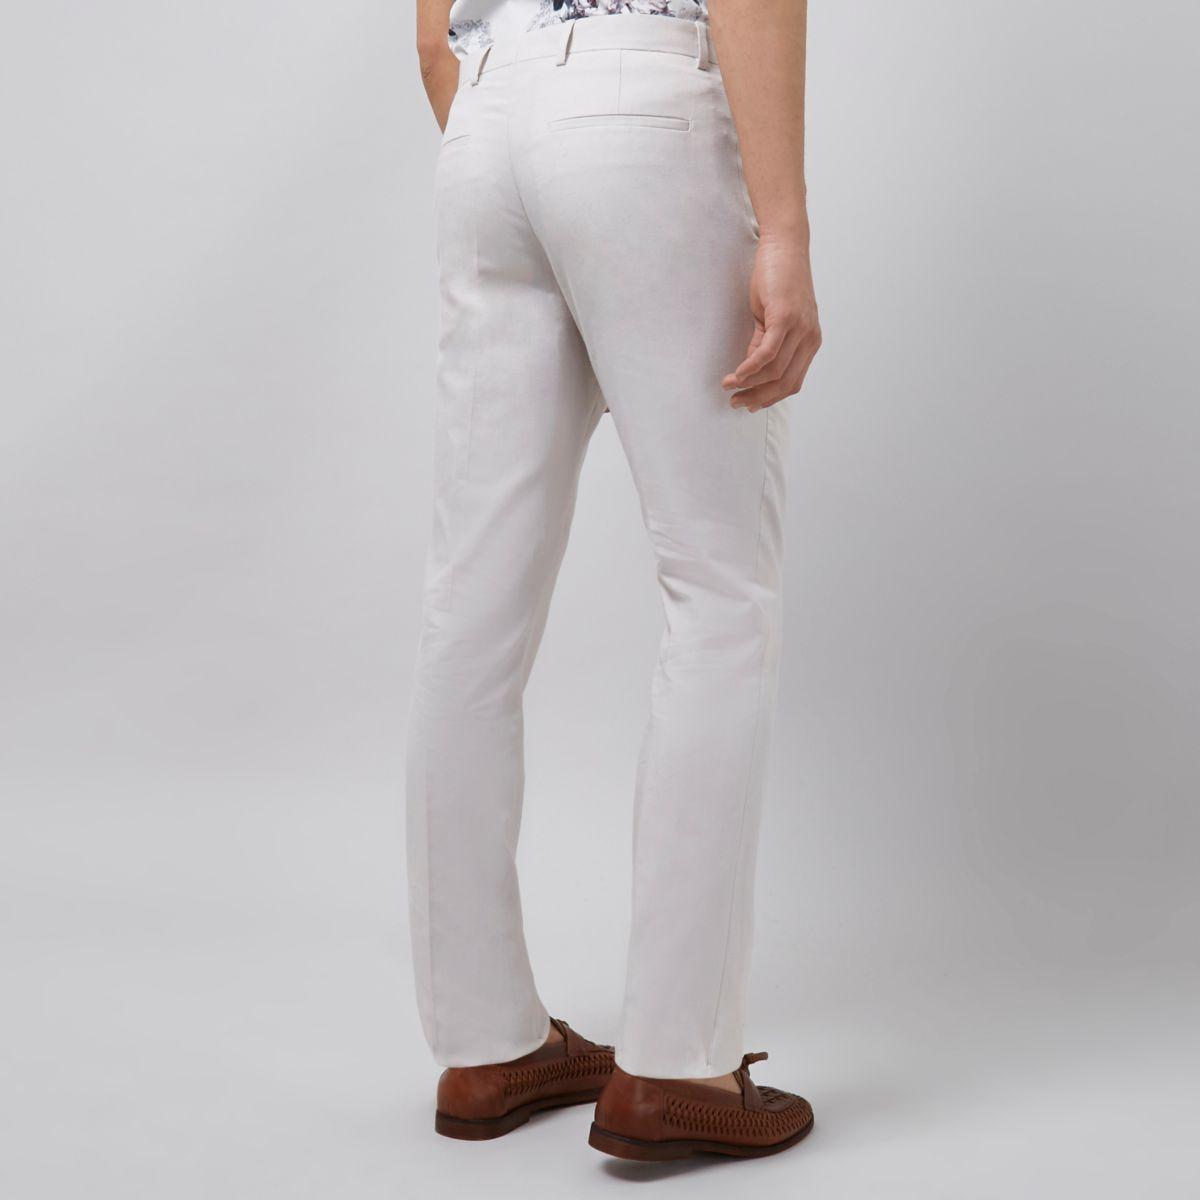 Beige Linen Slim Fit Suit Pants by River Island